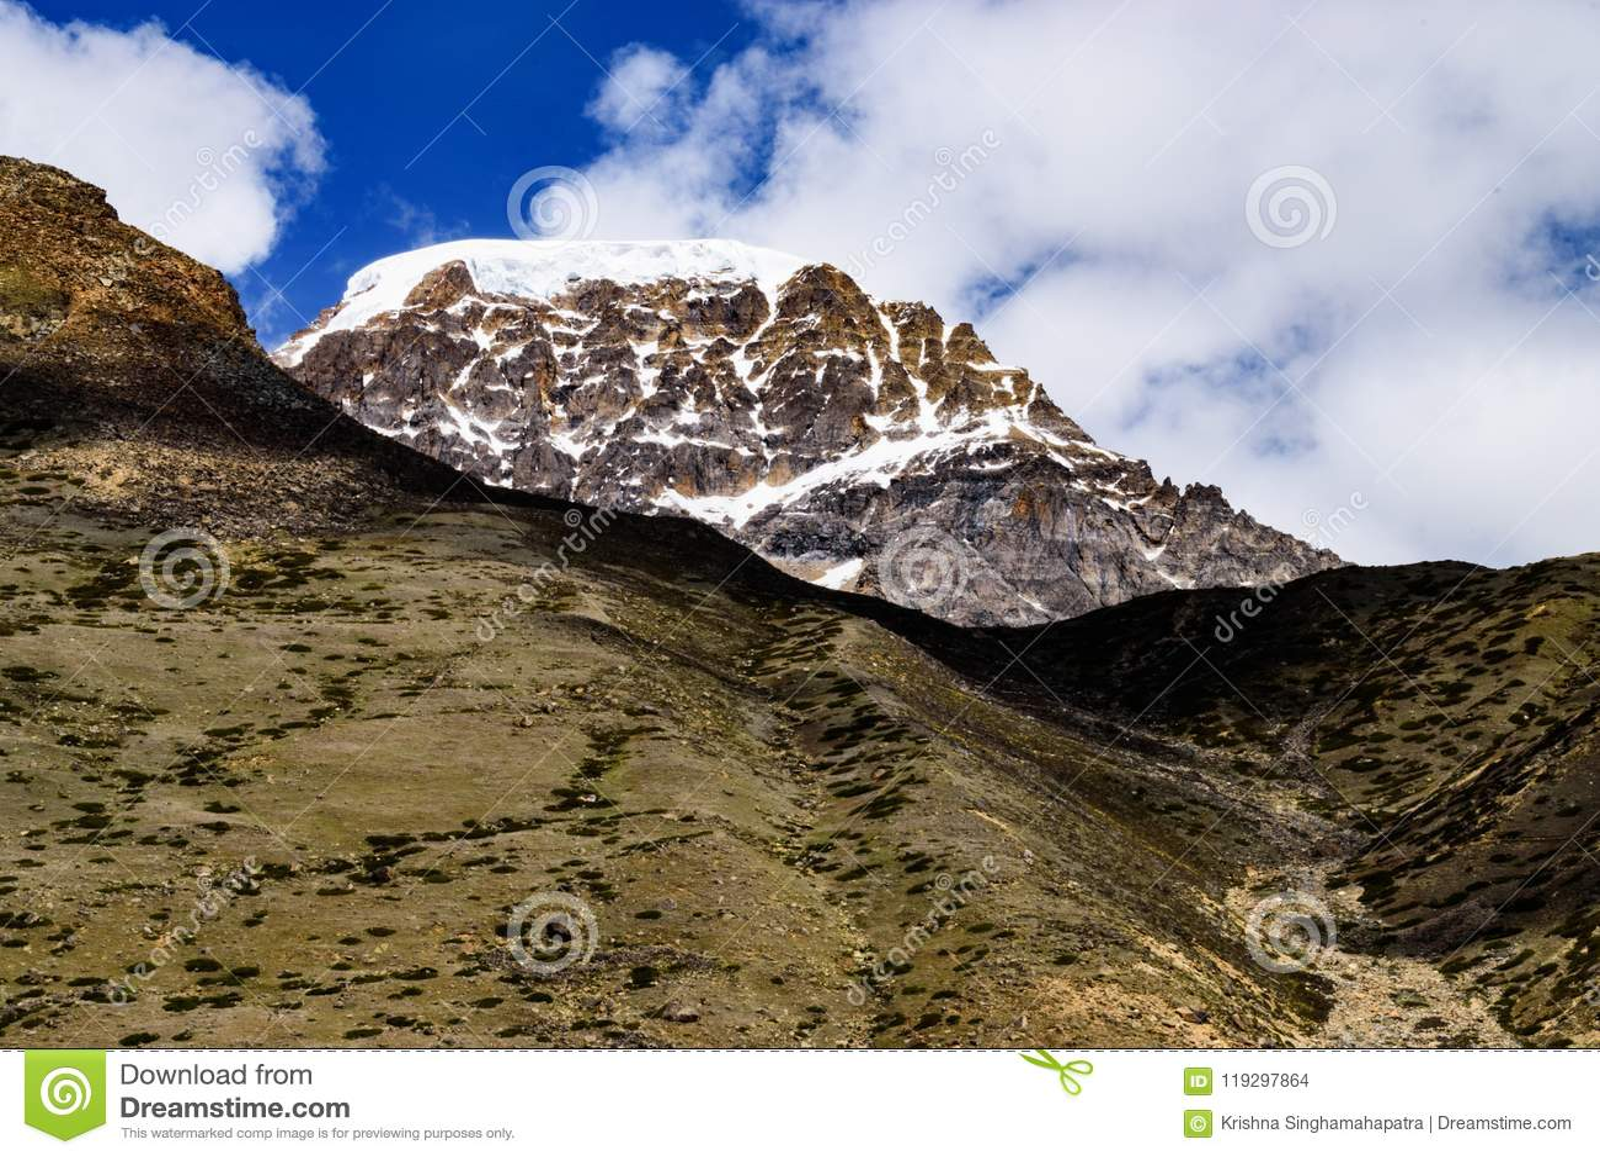 Pico de montanha Himalaia coberto de neve com CloudscapeOn a maneira a Gurudongmar